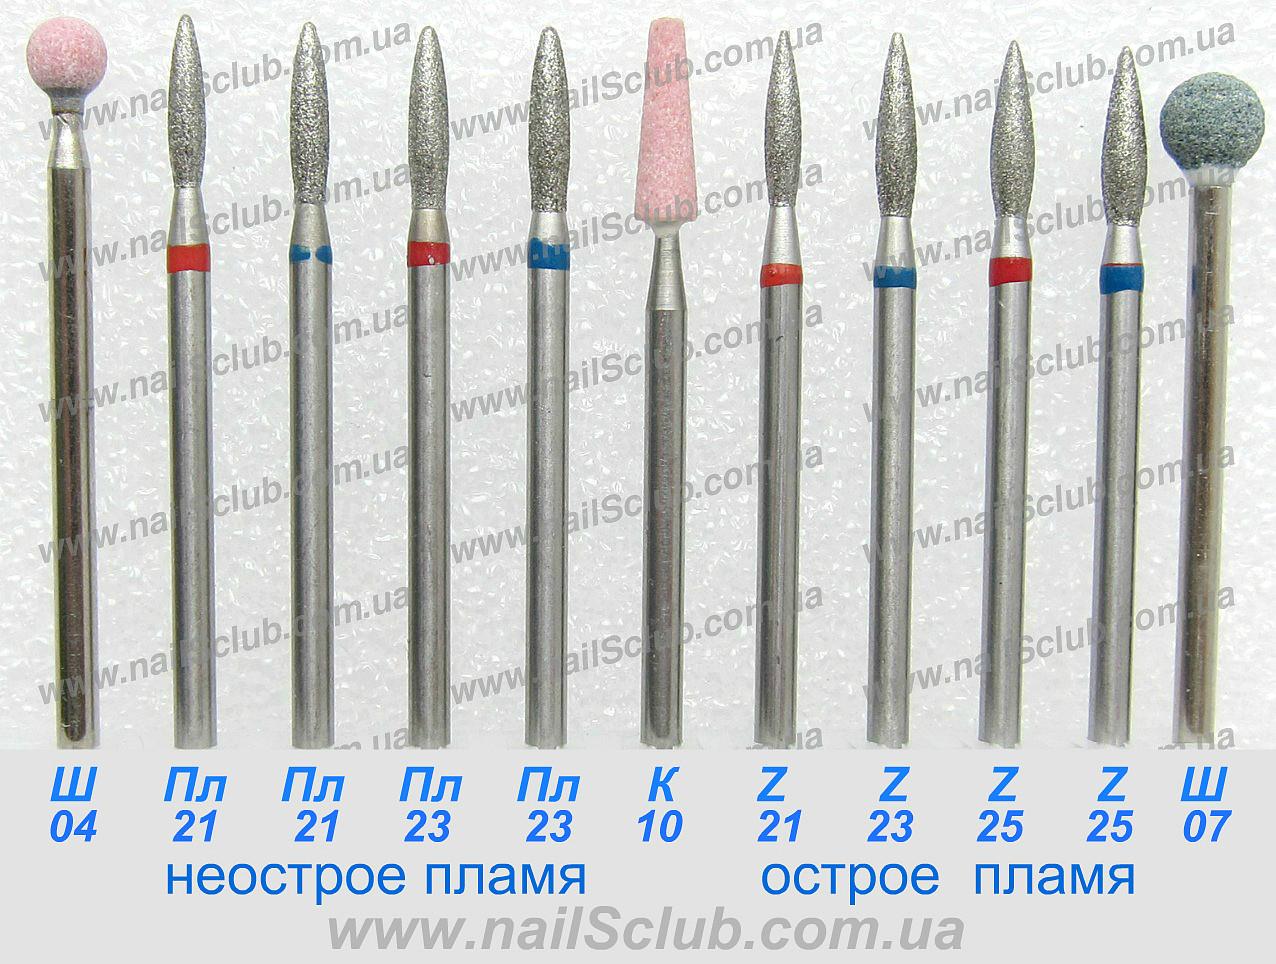 Безопасные фрезы для маникюра купить Украина,Израиль,Польша,Италия